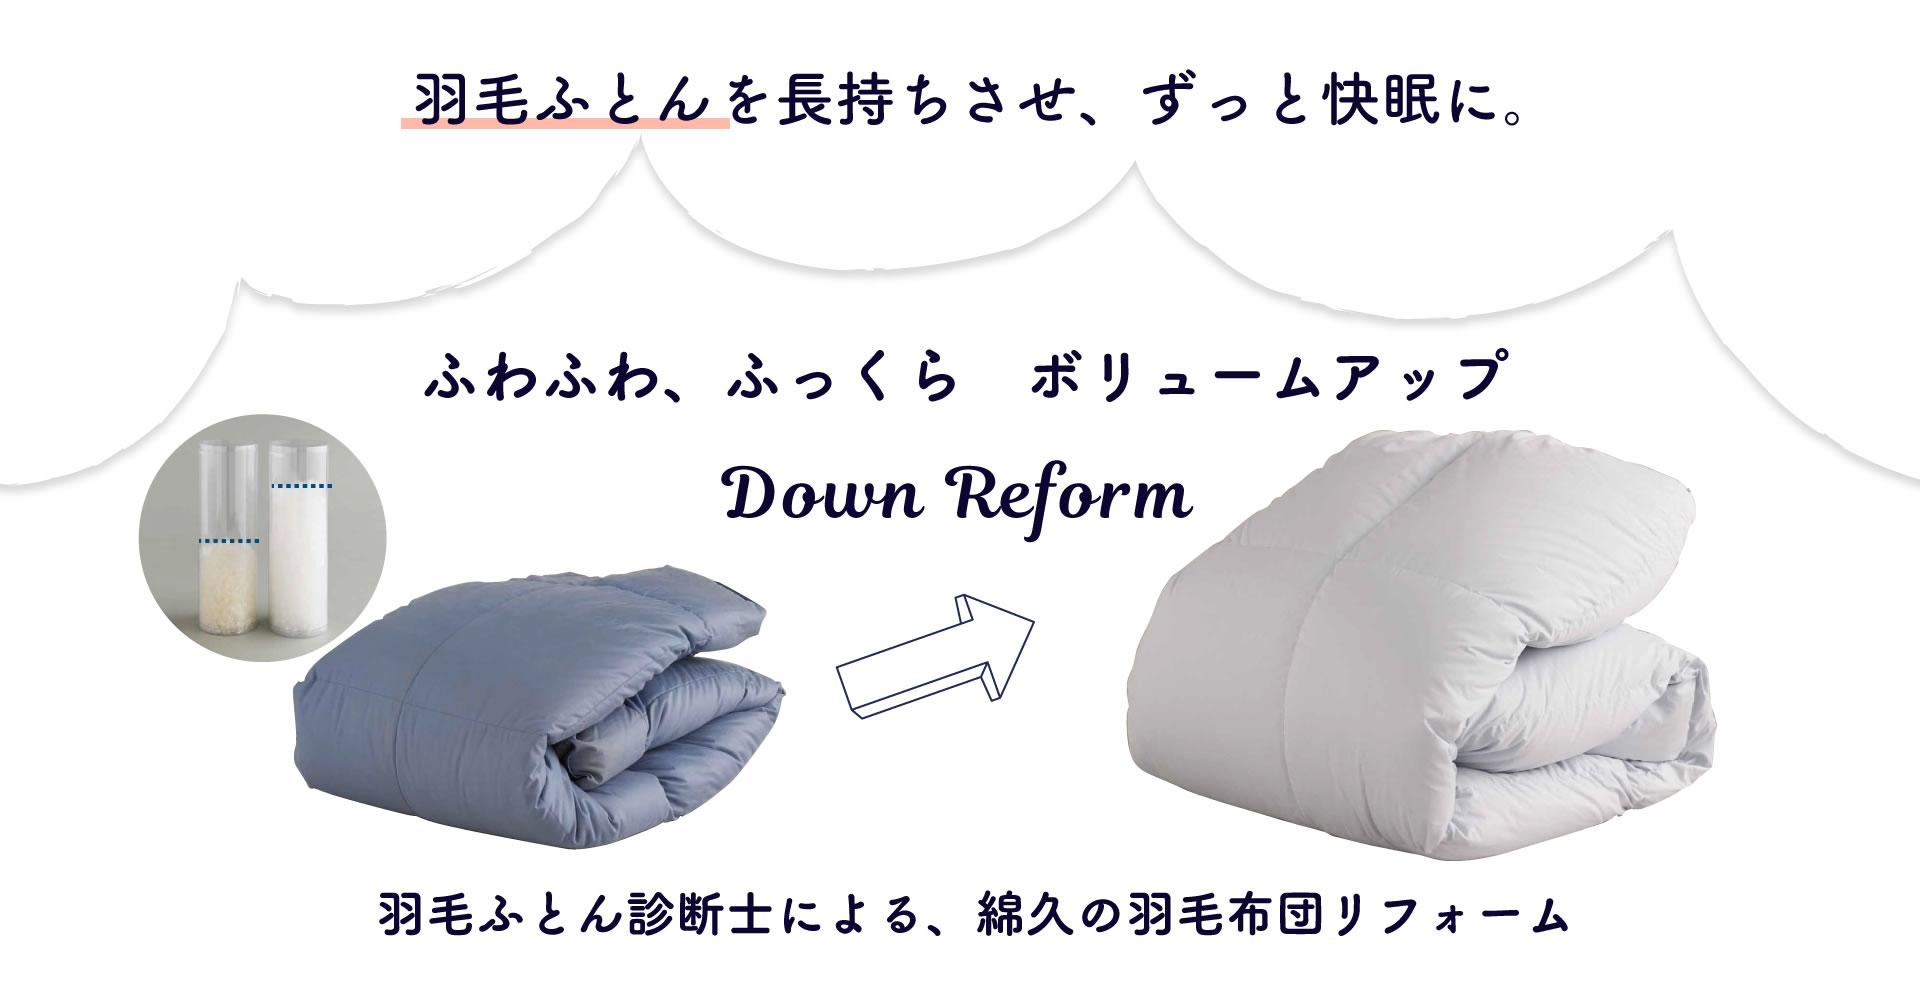 羽毛ふとん診断士による、綿久の羽毛布団リフォーム